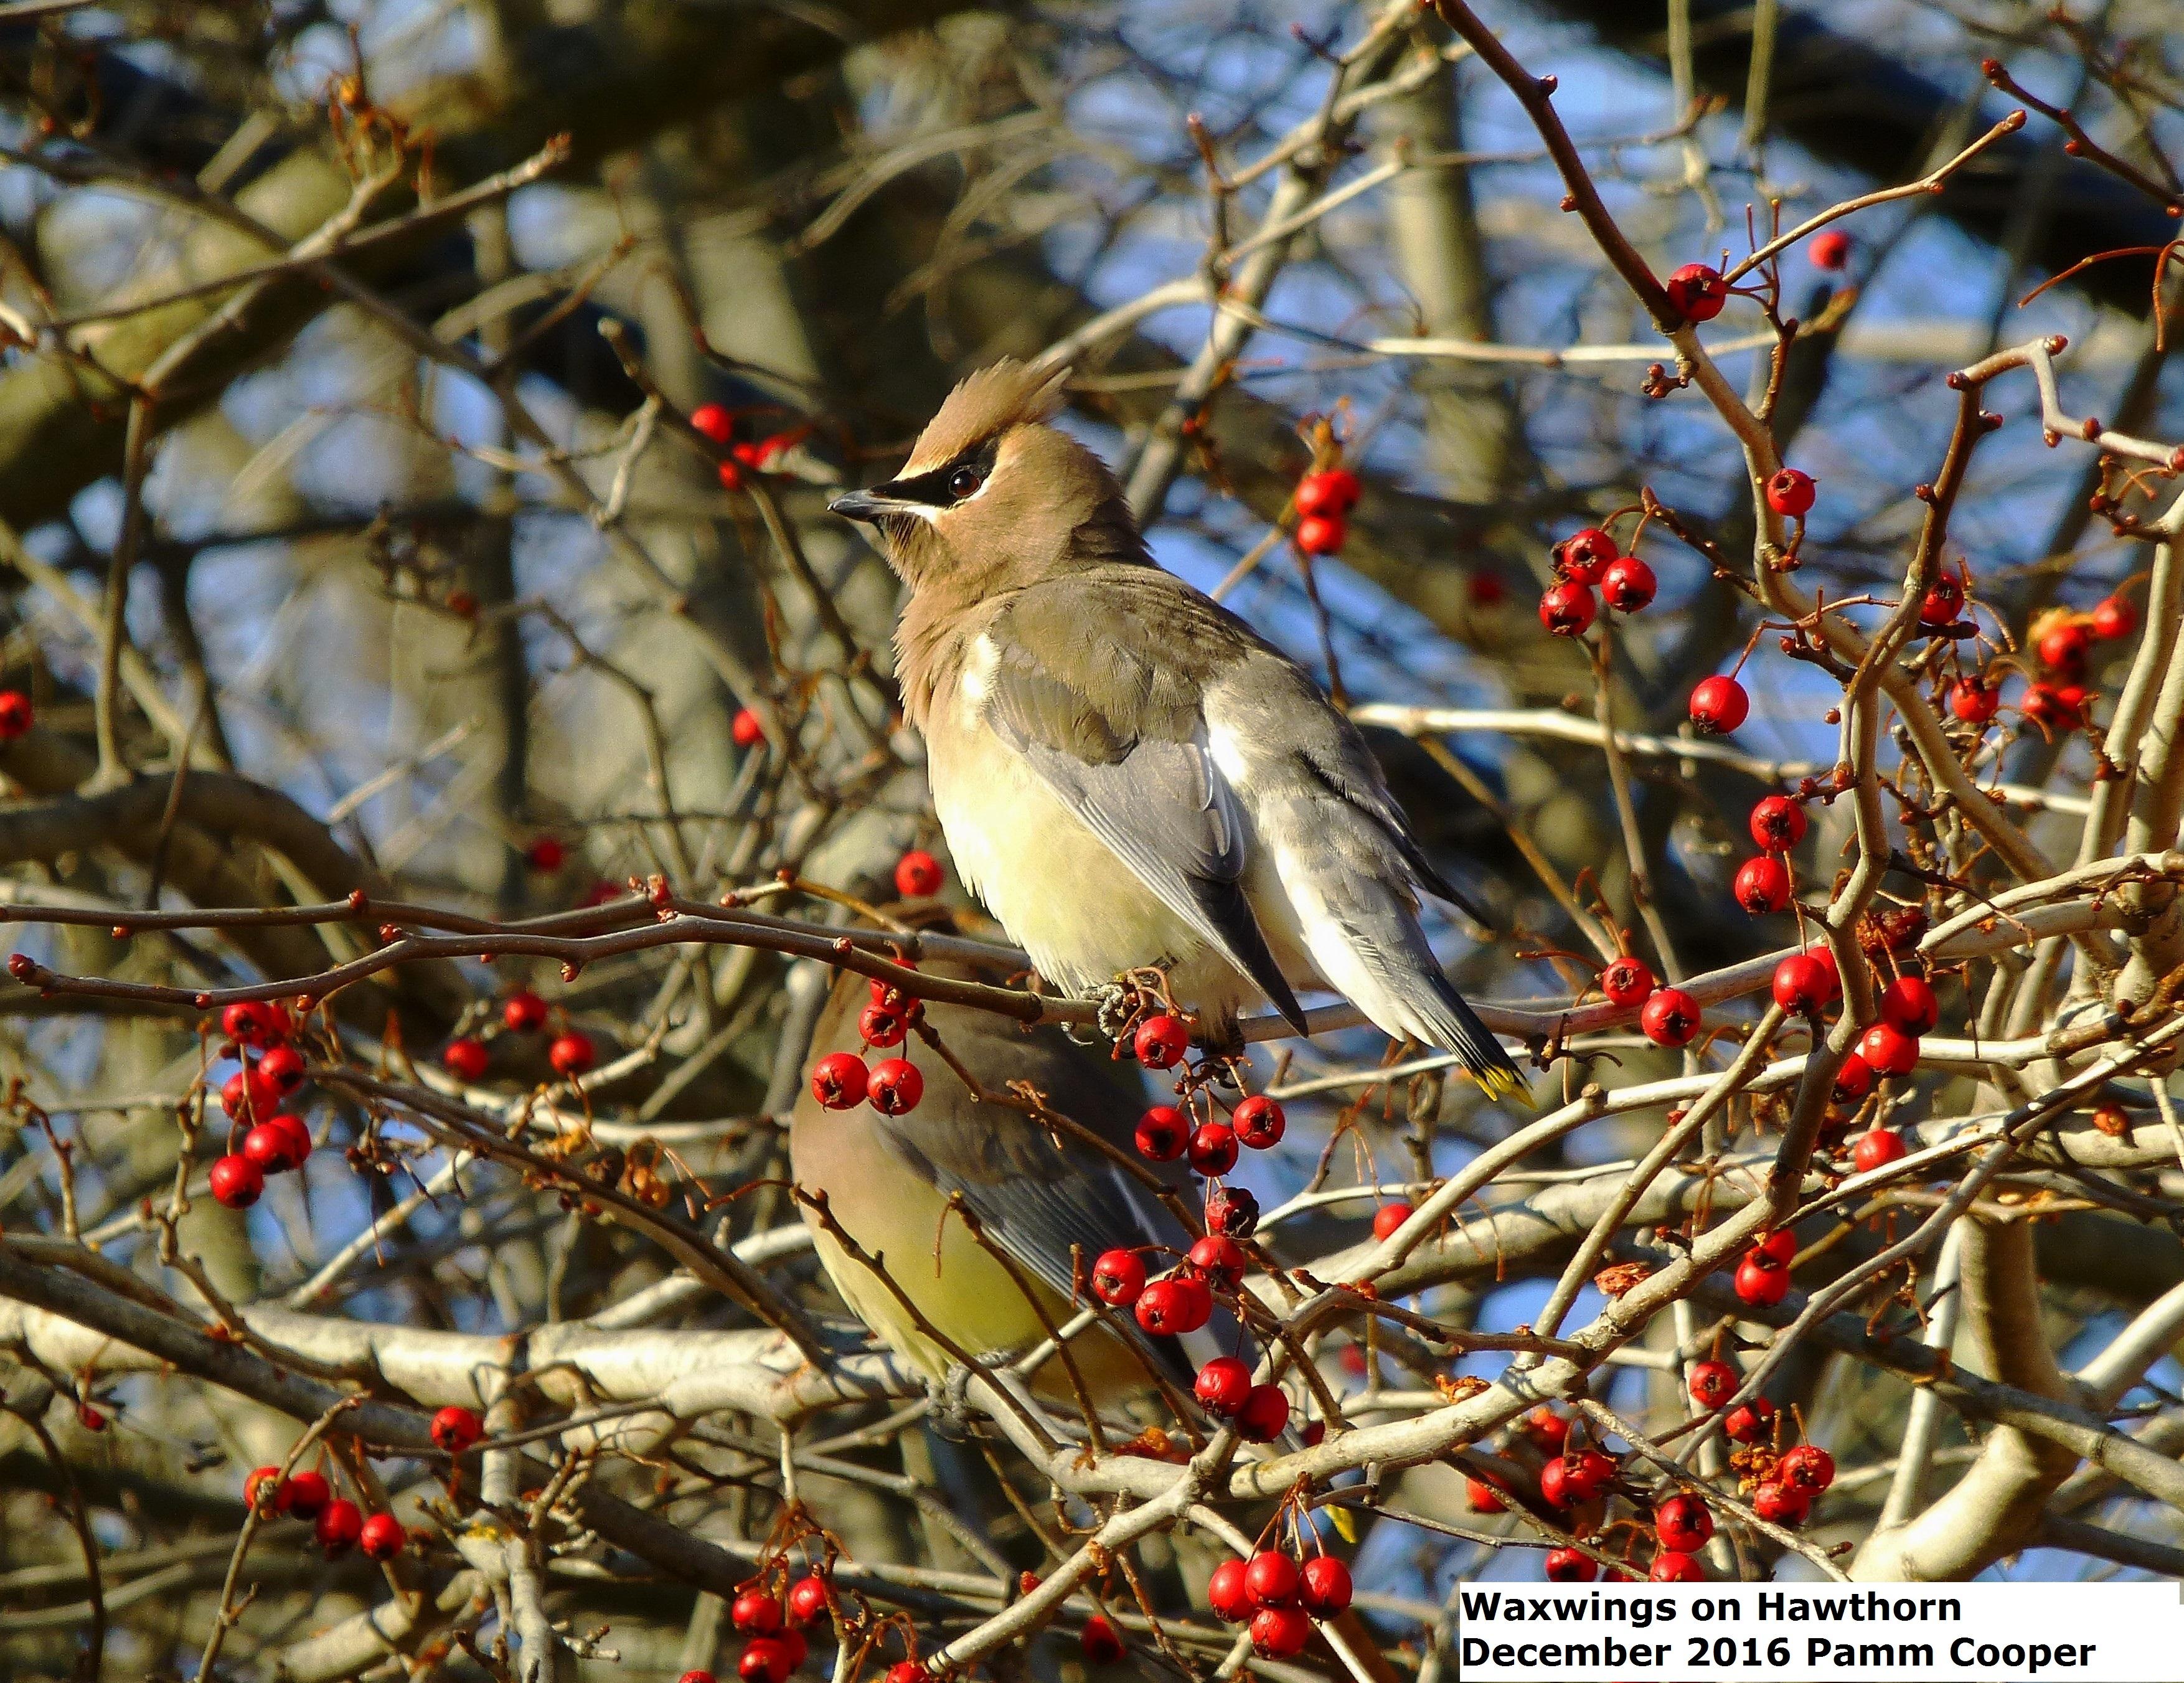 waxwings-between-bites-of-hawthorn-fruit-pamm-cooper-photo-12-19-16